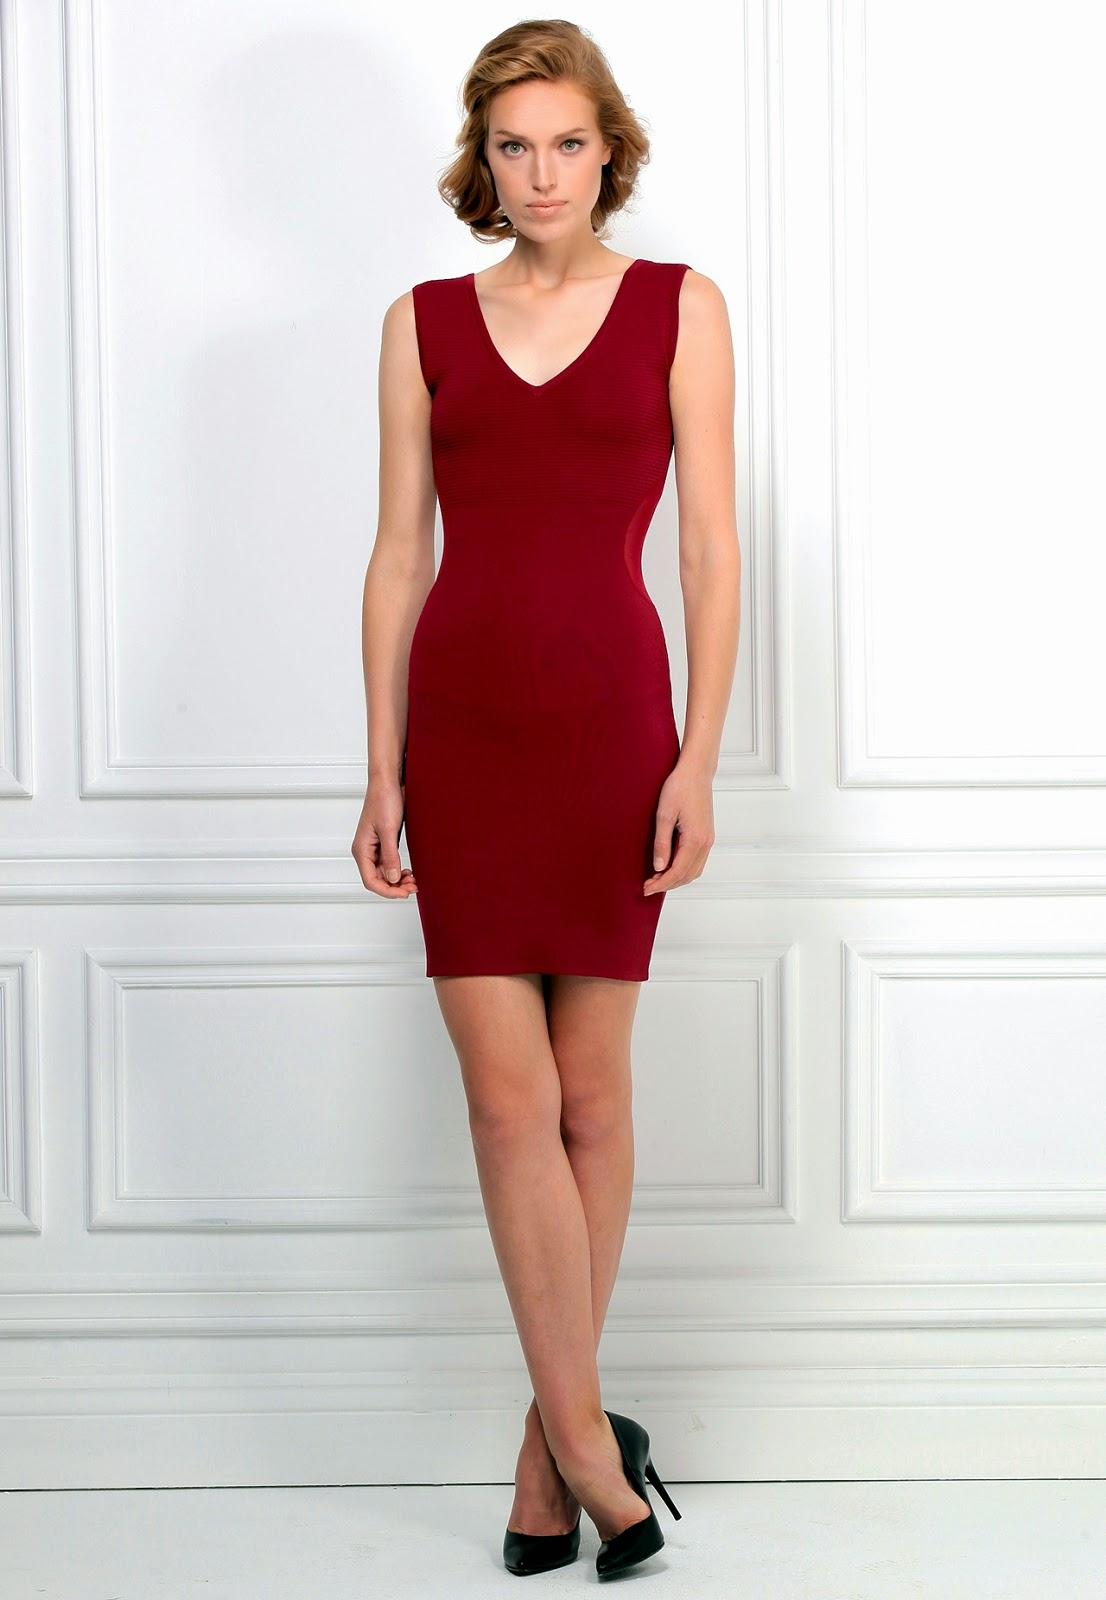 v yaka elbise, bordo elbise, kısa elbise, kolsuz elbise, klasik elbise, şık elbise, adil ışık elbise modelleri, 2015 elbise modelleri